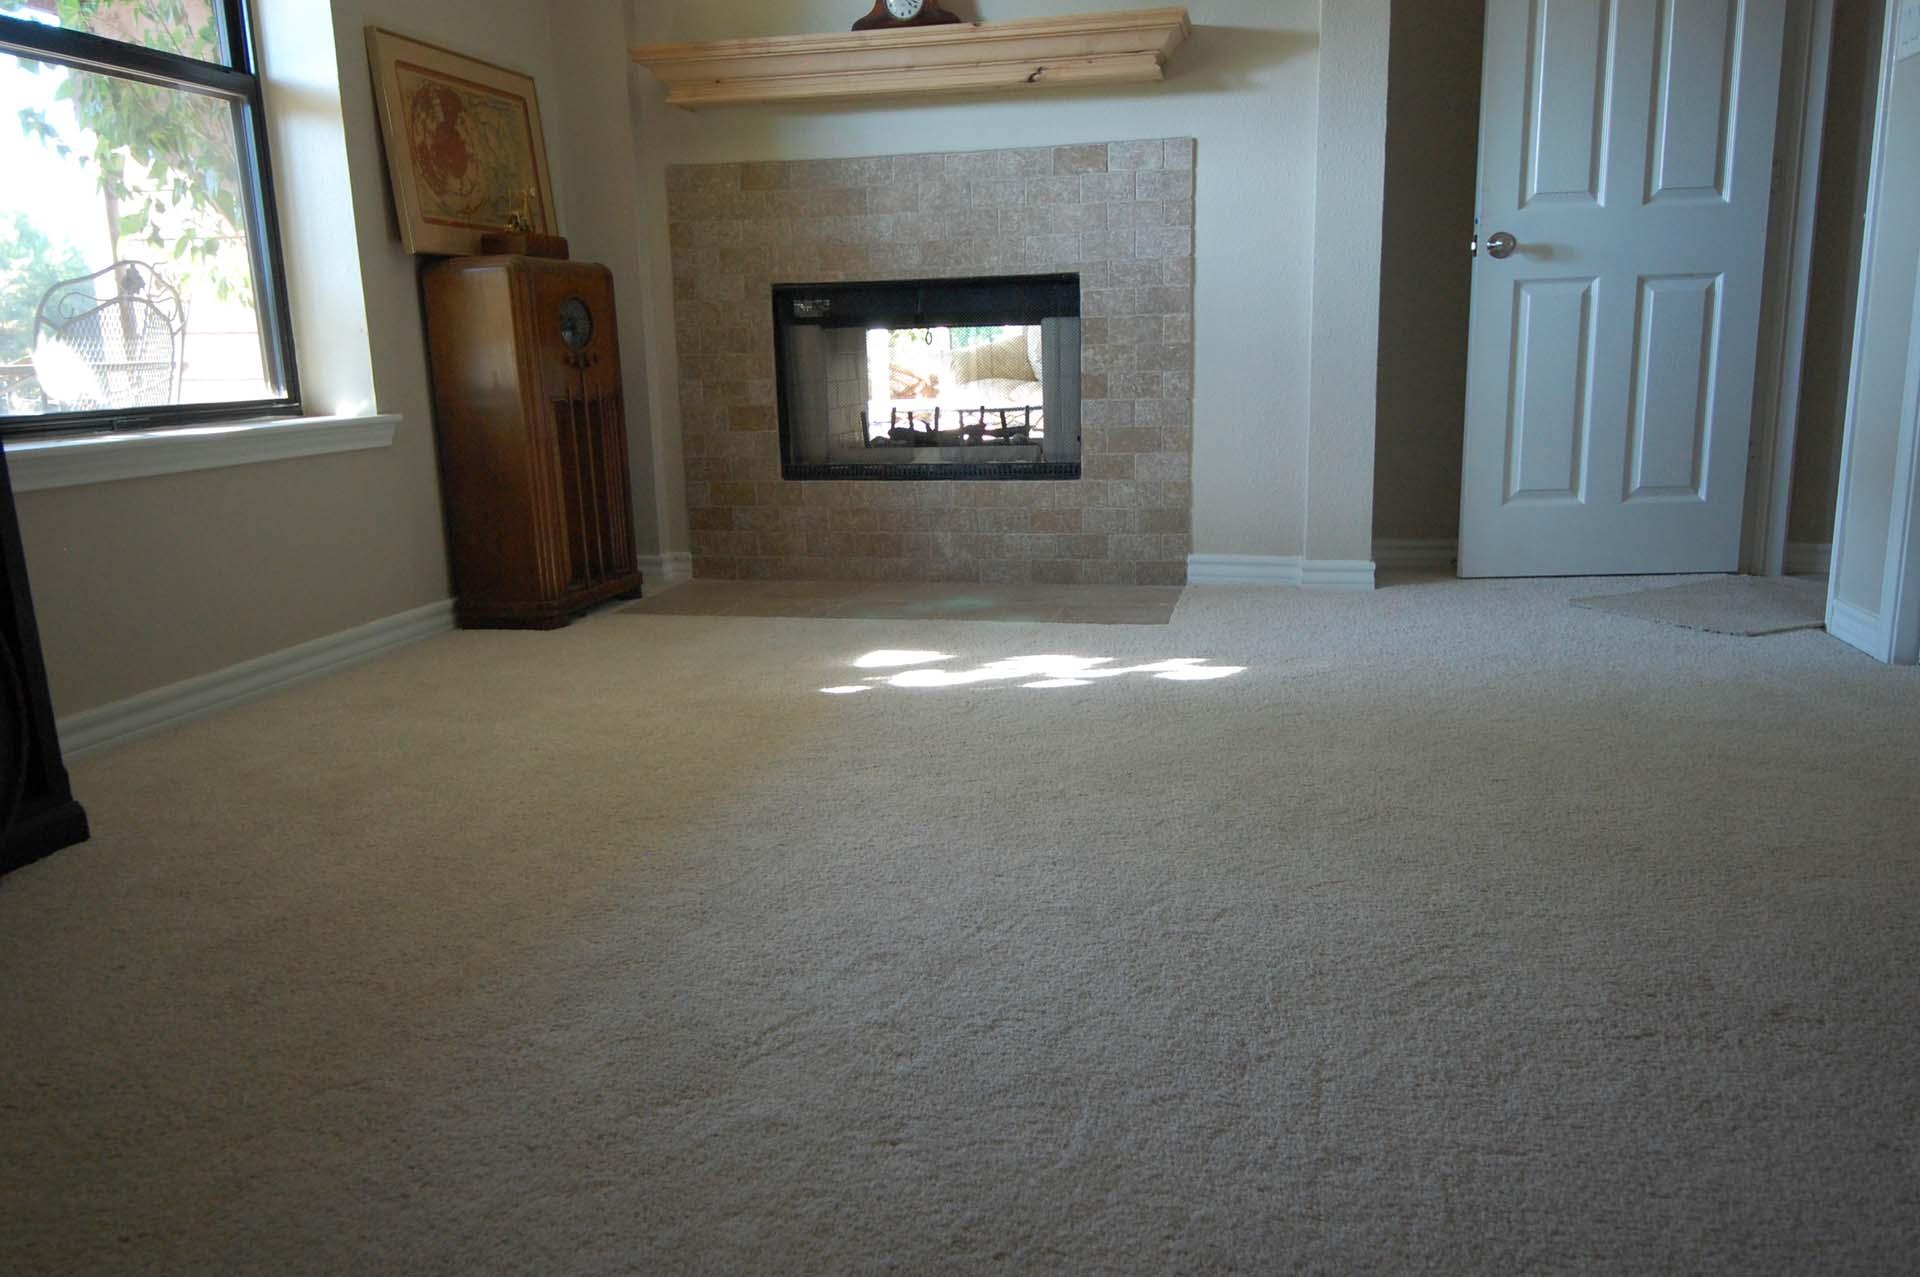 Carpet no pattern